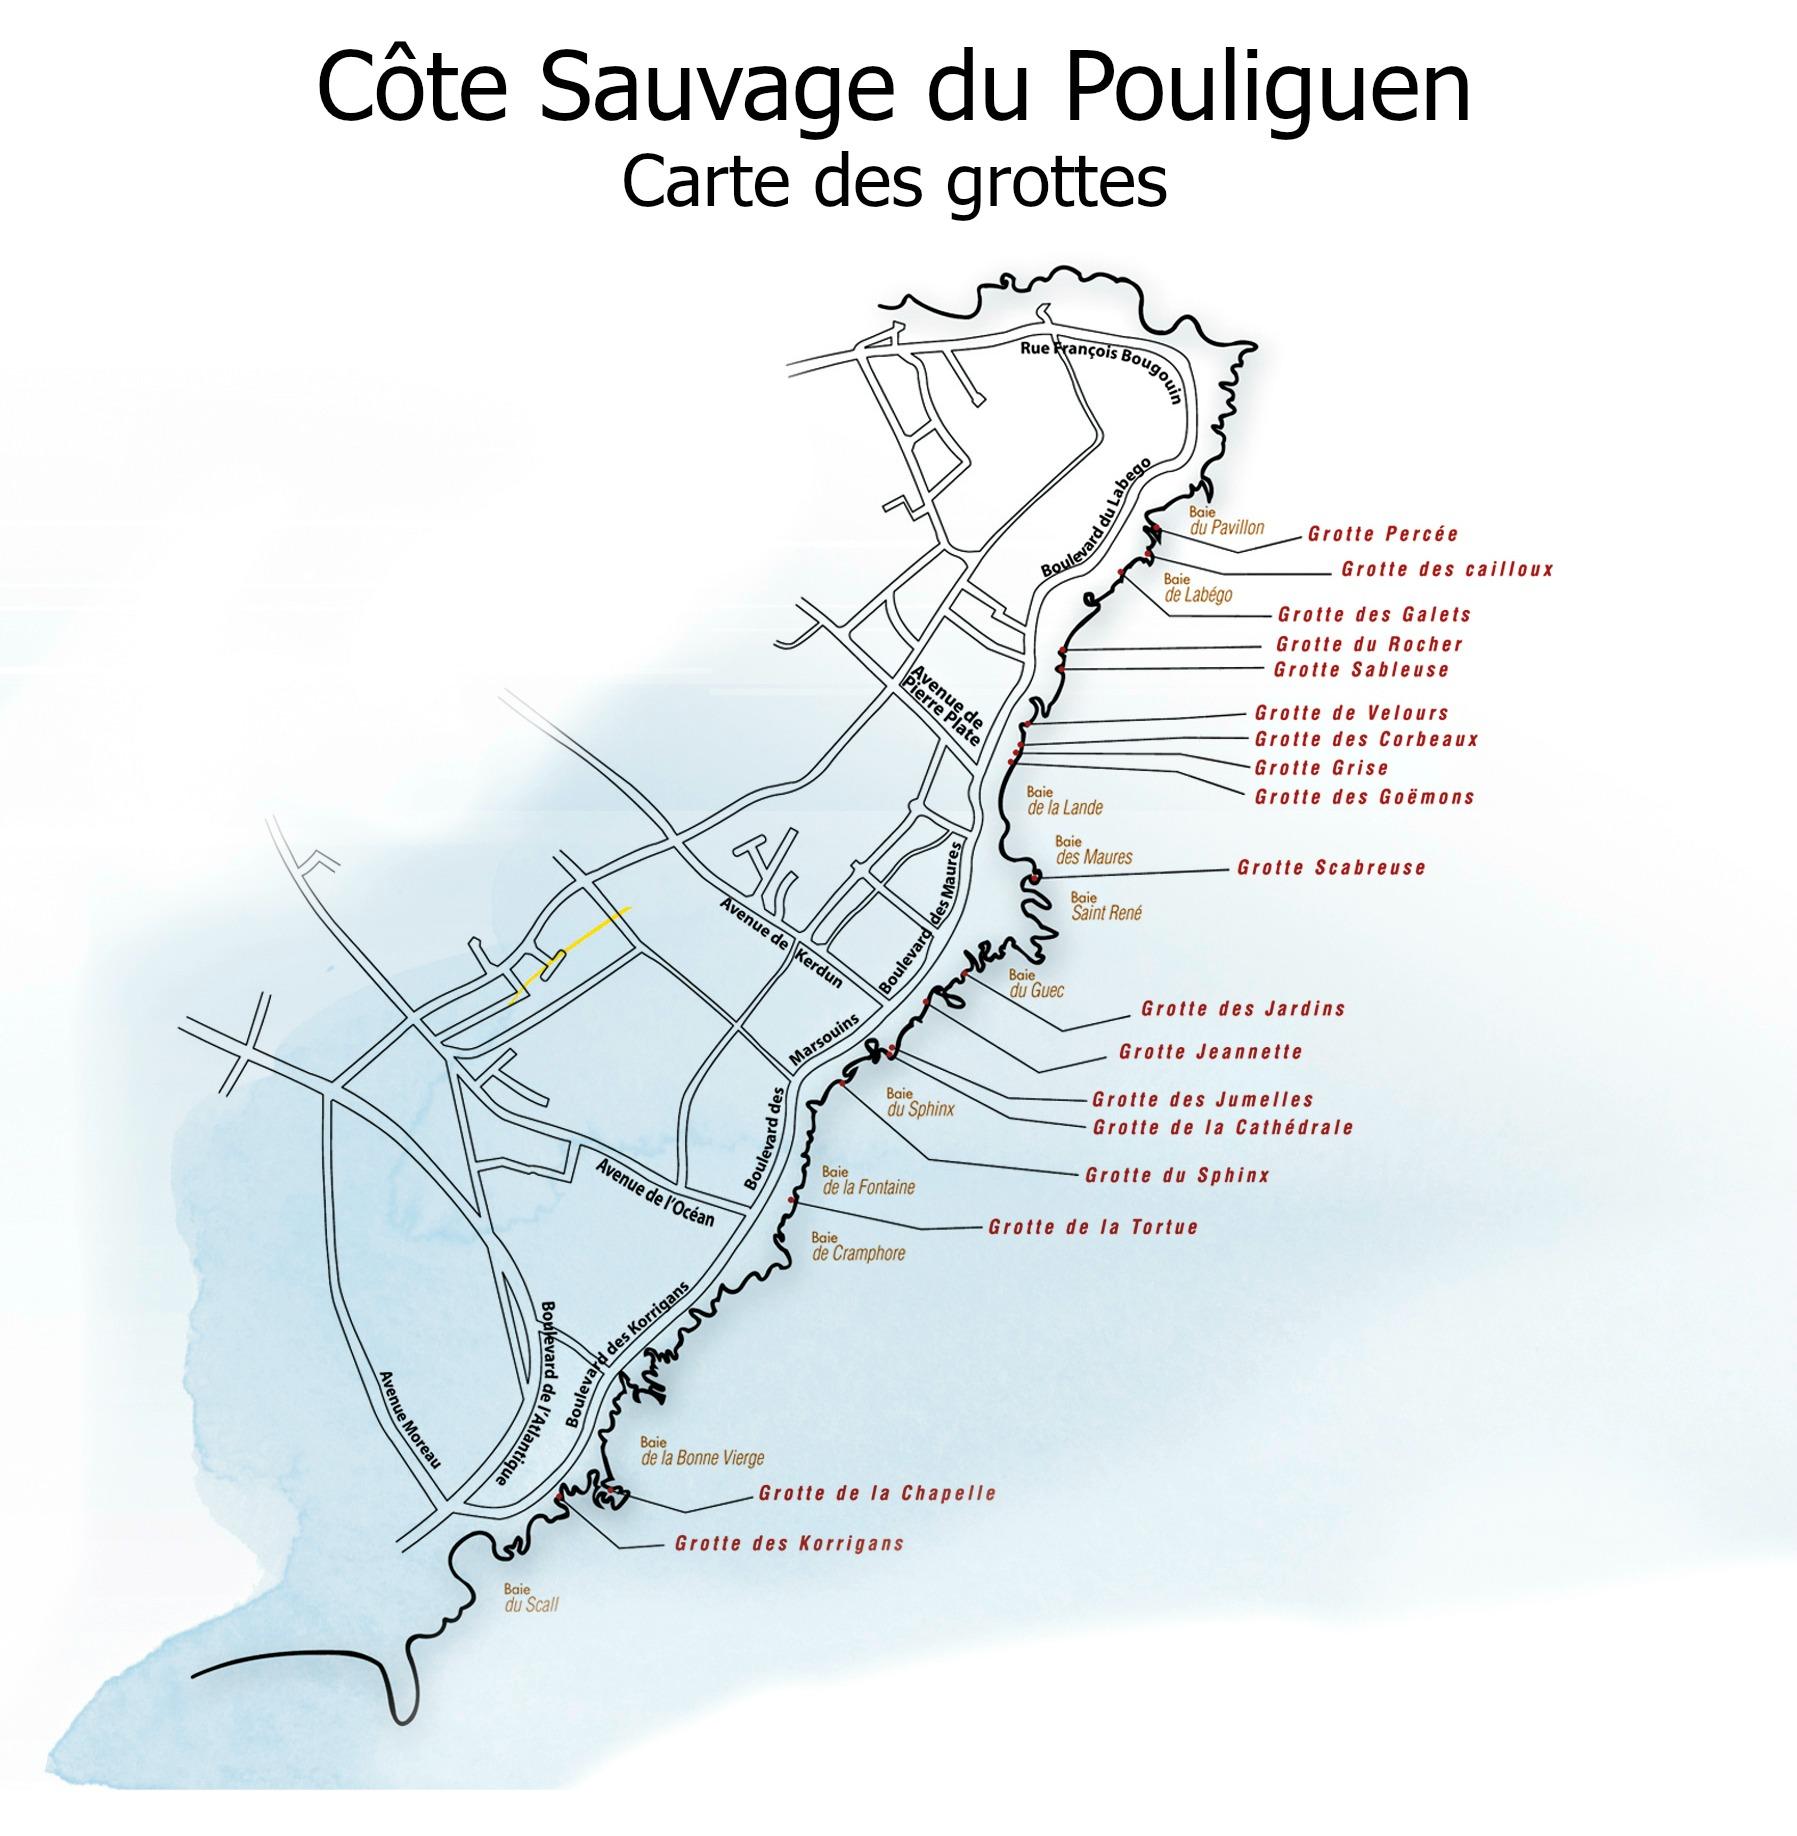 Télécharger la carte des grottes du Pouliguen